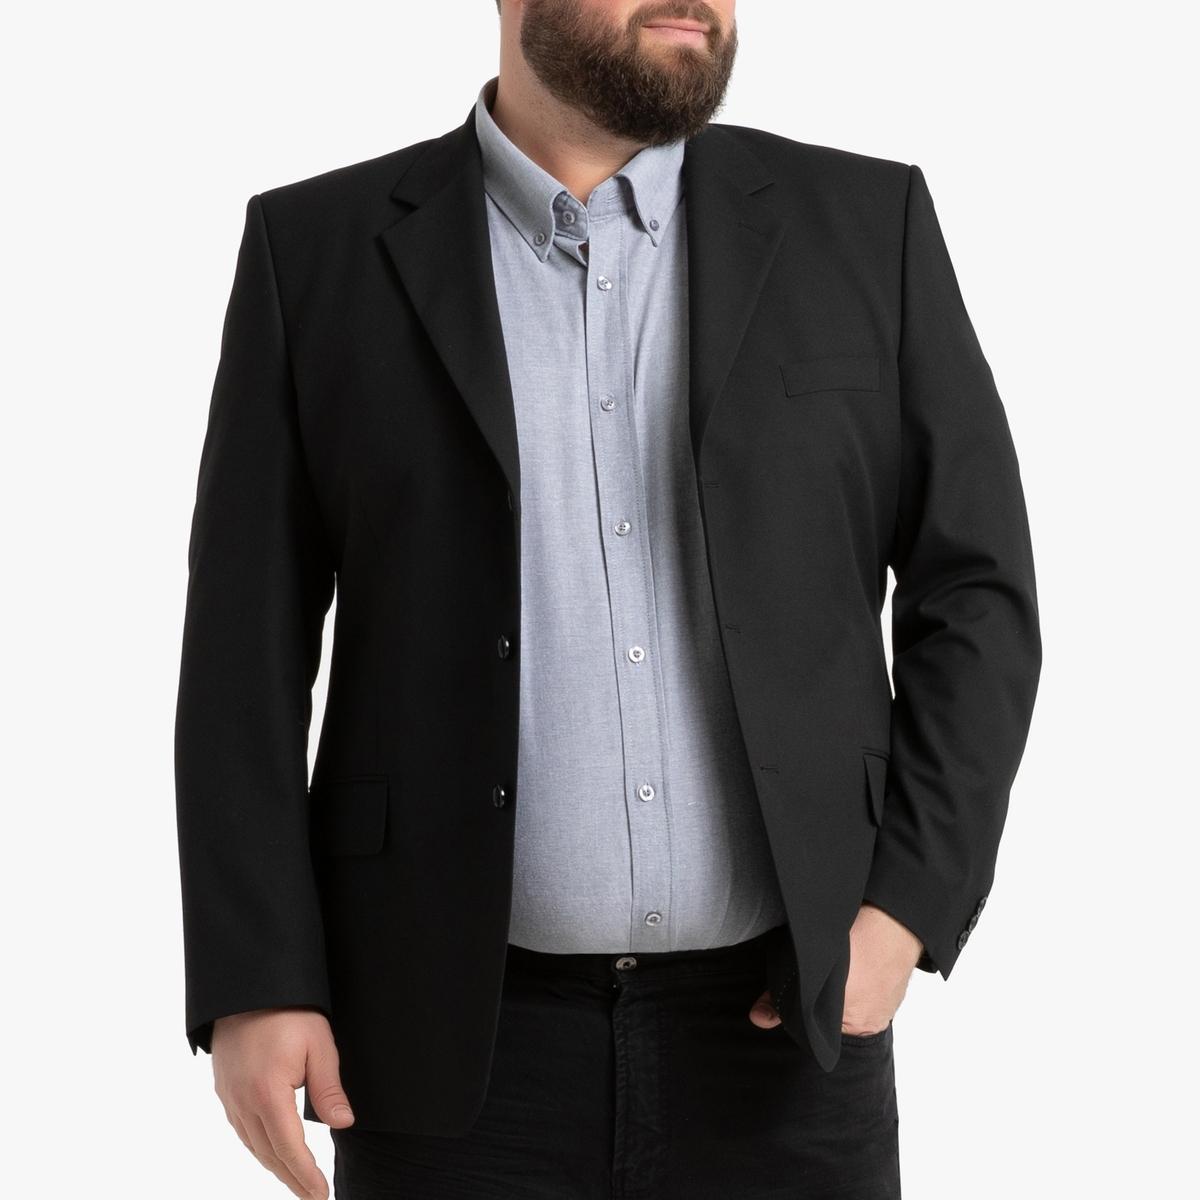 Пиджак LaRedoute Костюмный прямого покроя на рост от 176 до 187 см 68 черный